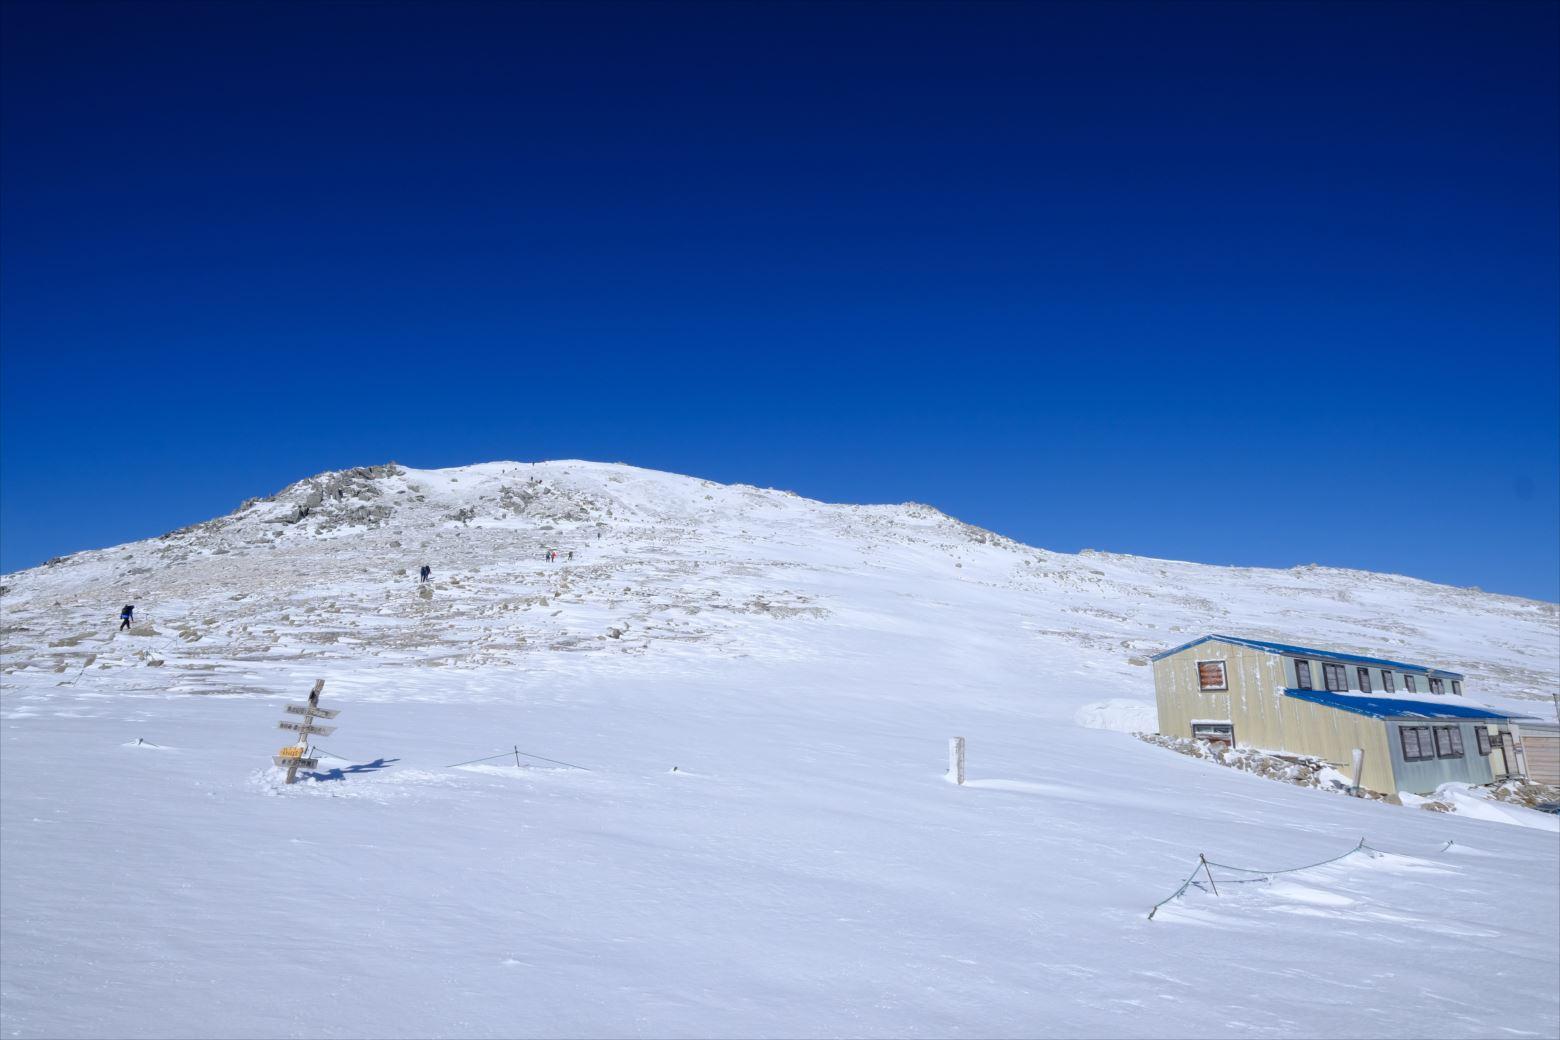 【初冬期・雪山登山】木曽駒ケ岳 (31)